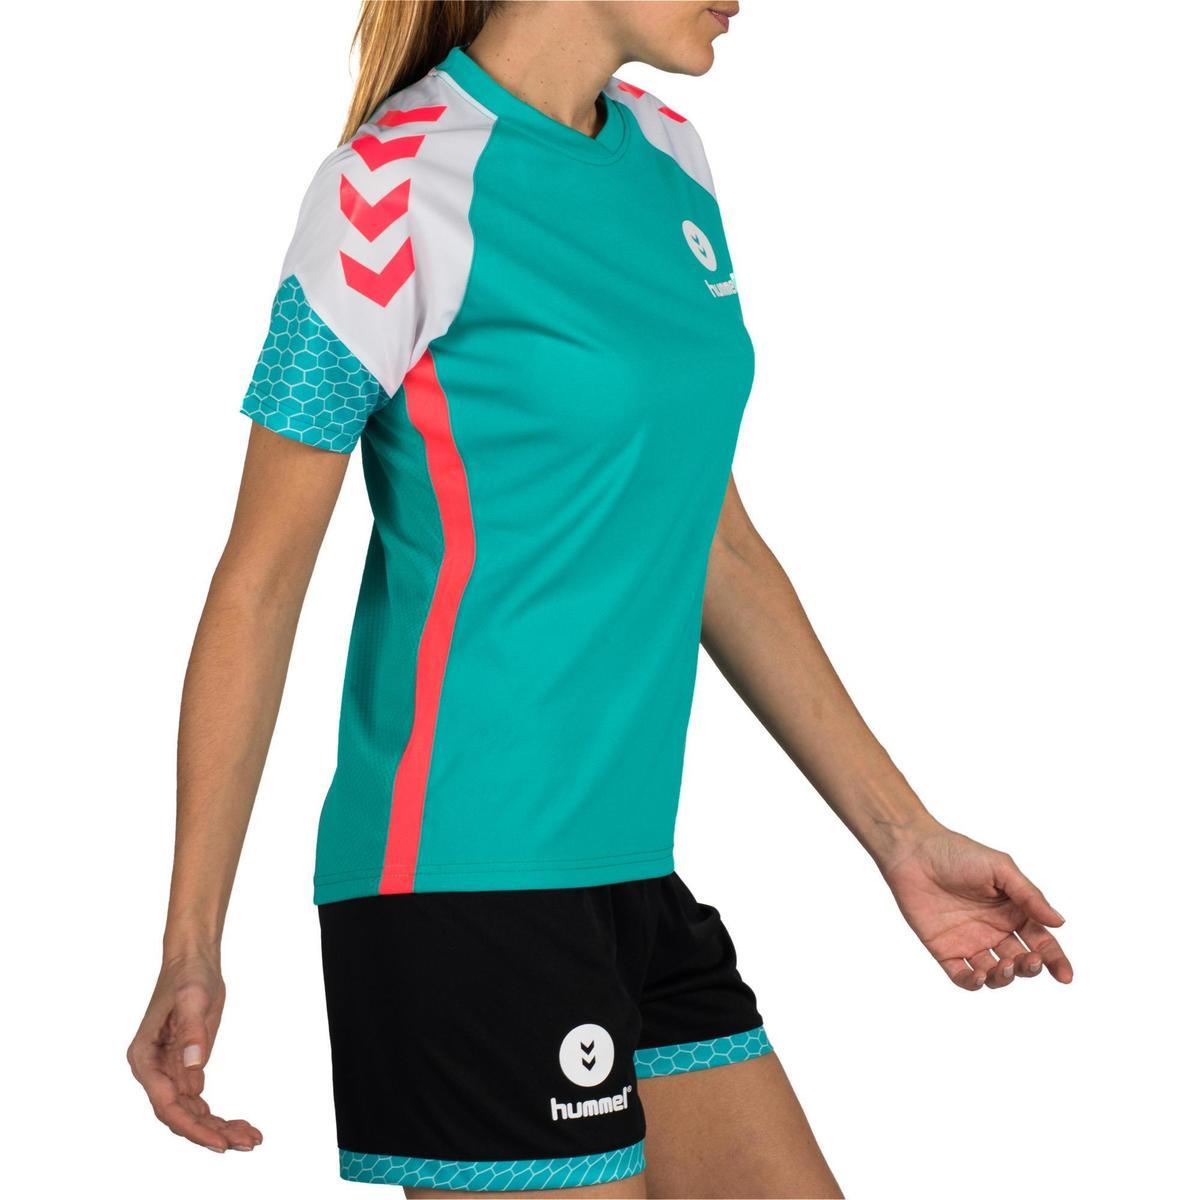 Bild 3 von Handballtrikot Damen türkis/weiß